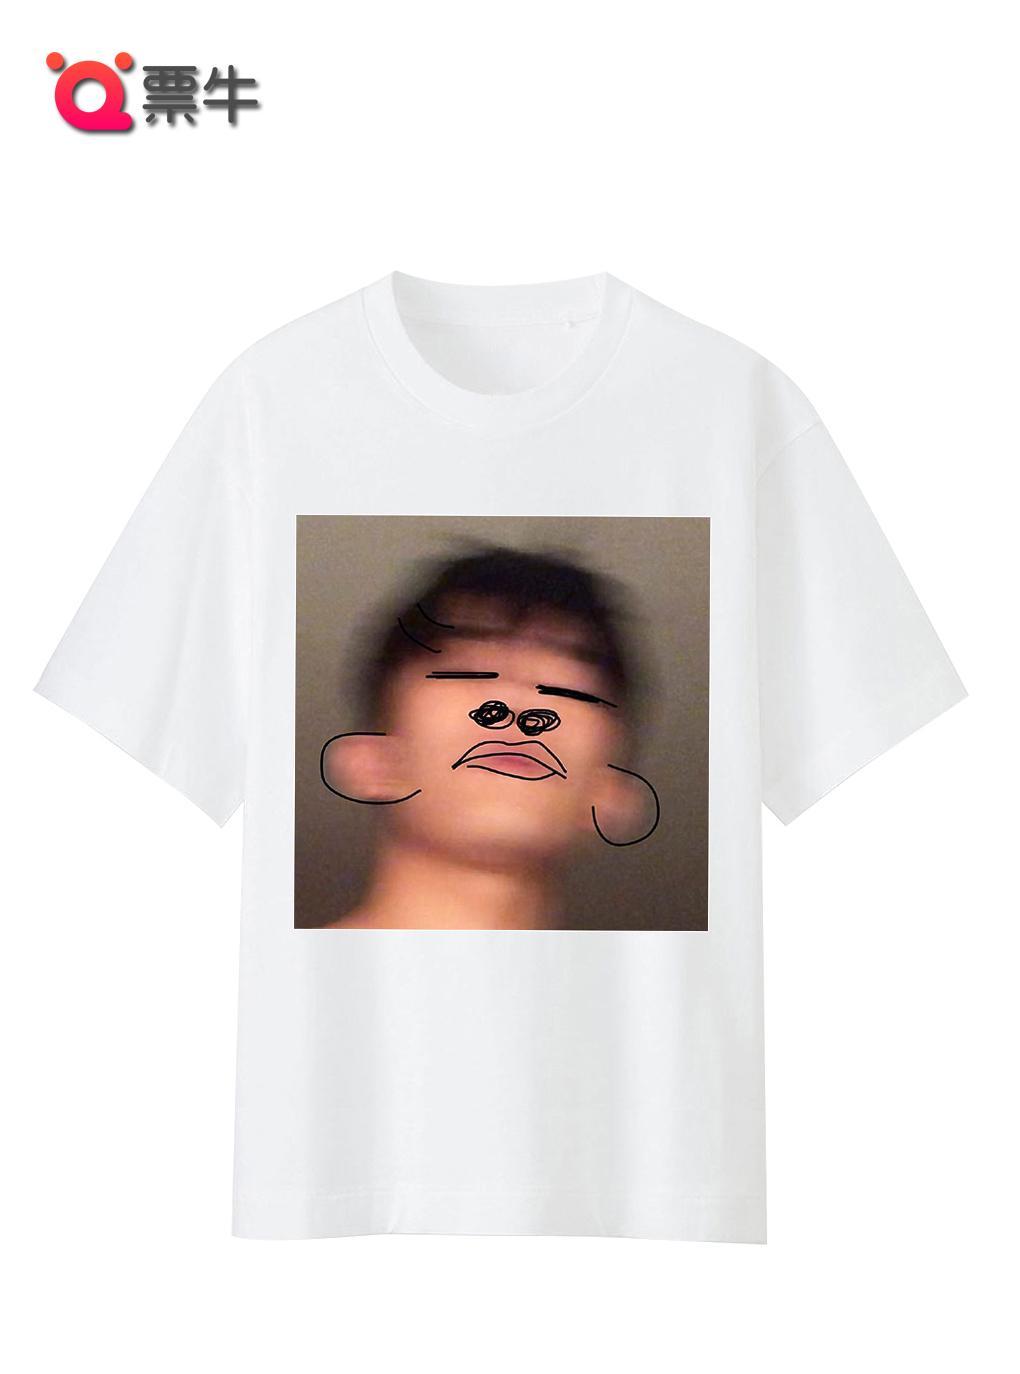 易烊千玺鬼脸T恤短袖